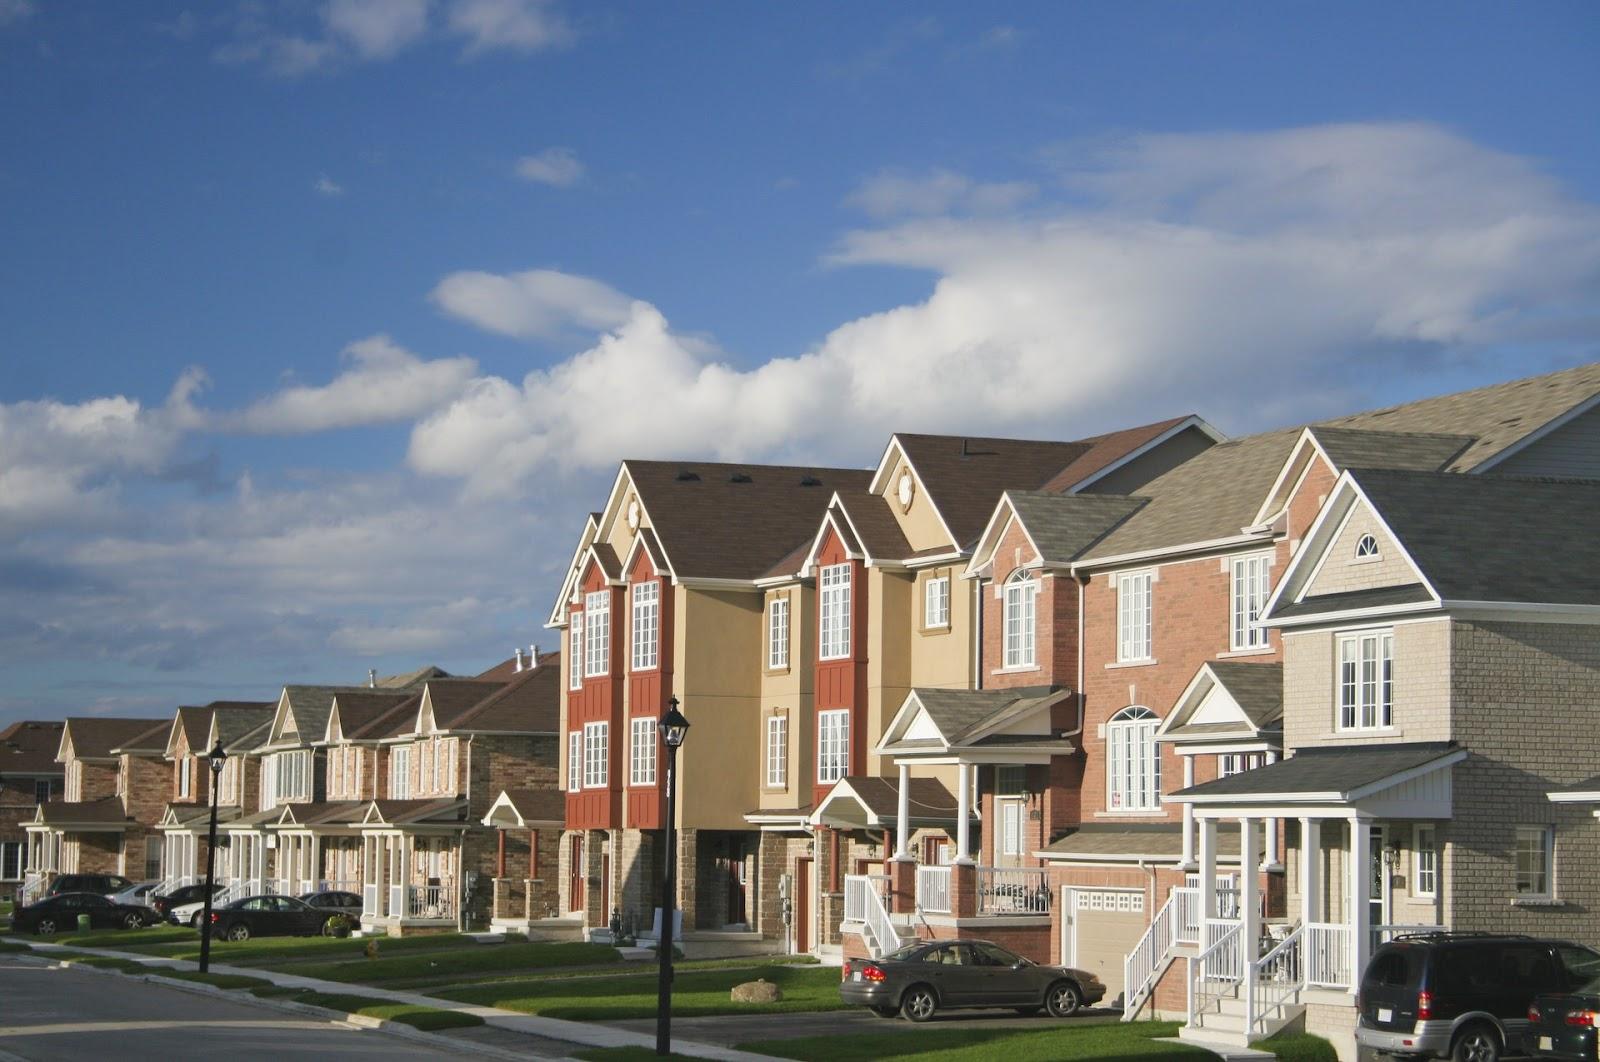 town homes in neighborhood